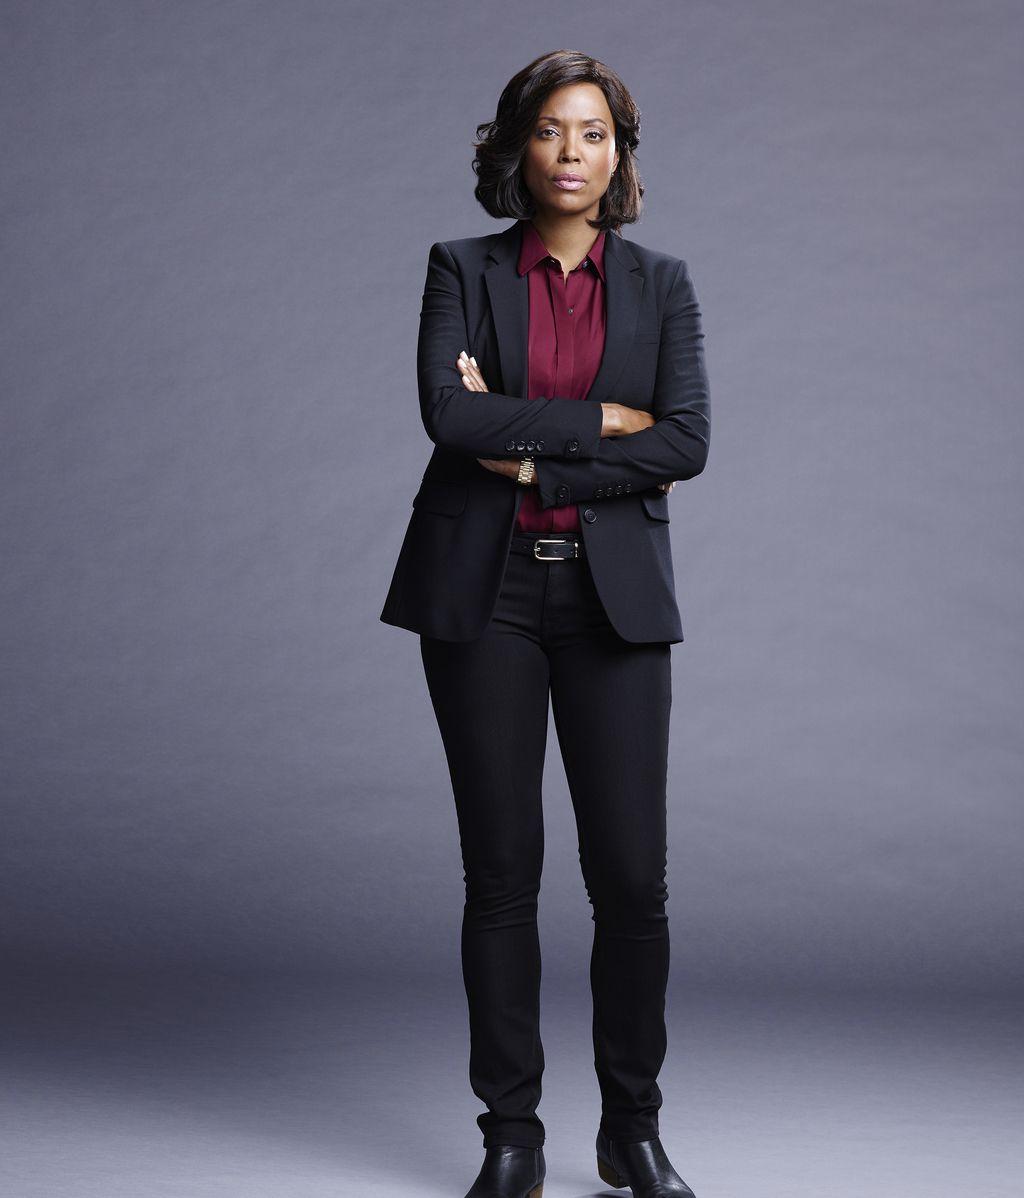 Personajes de la 12ª temporada de 'Mentes criminales': Aisha Tyler es Tara Lewis